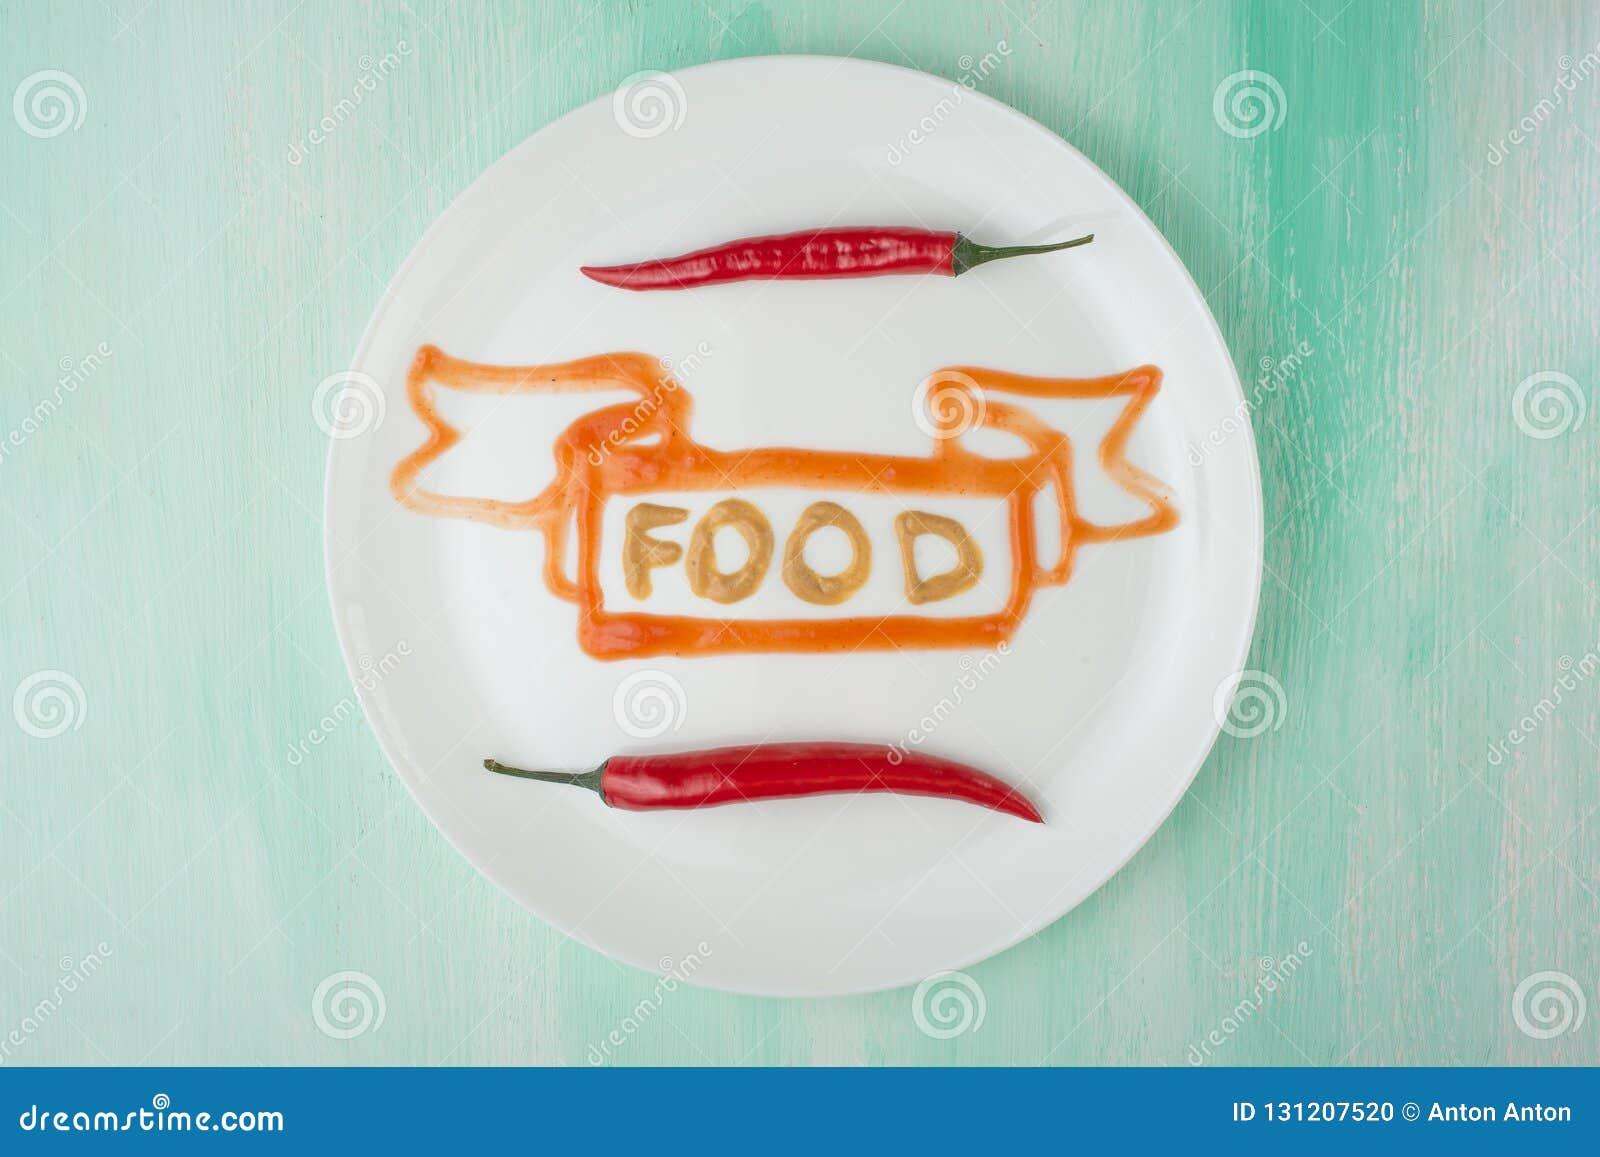 Η επιγραφή είναι ένα γεύμα της μουστάρδας και κόκκινο πιπέρι, ένας δημιουργικός των τροφίμων σε ένα άσπρο πιάτο Η έννοια των τροφ